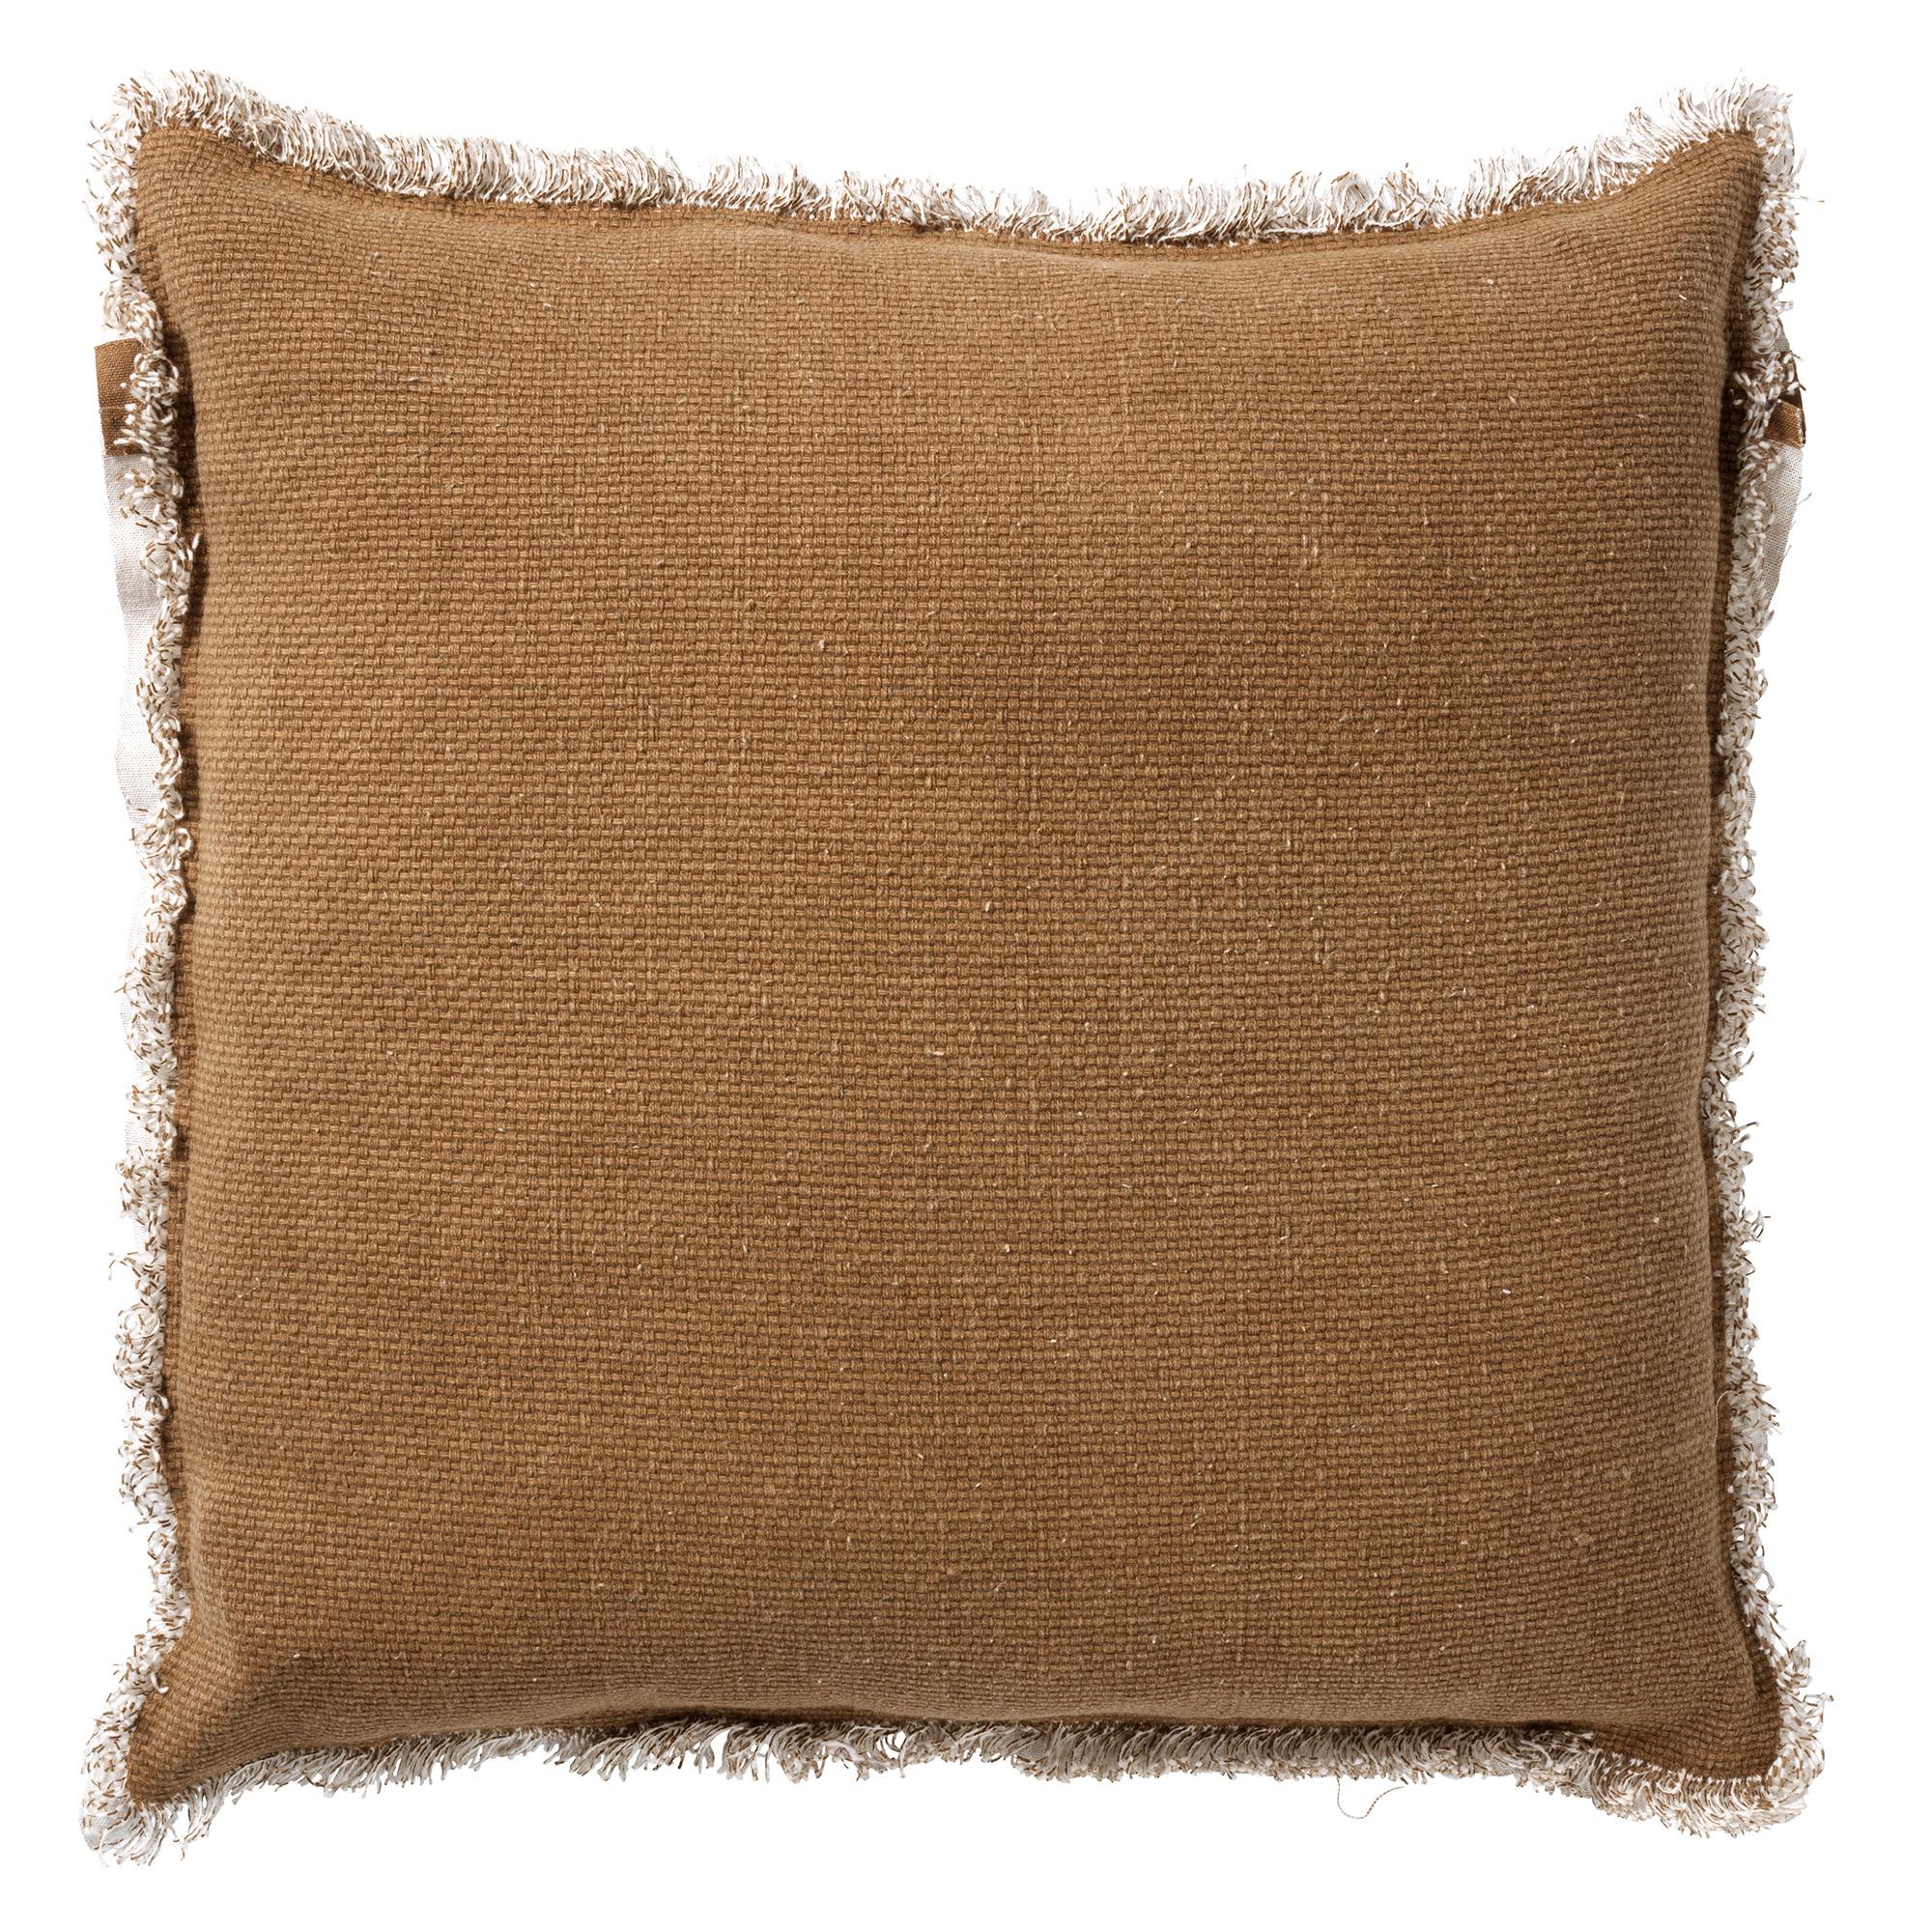 BURTO - Sierkussen van katoen Tobacco brown 45x45 cm